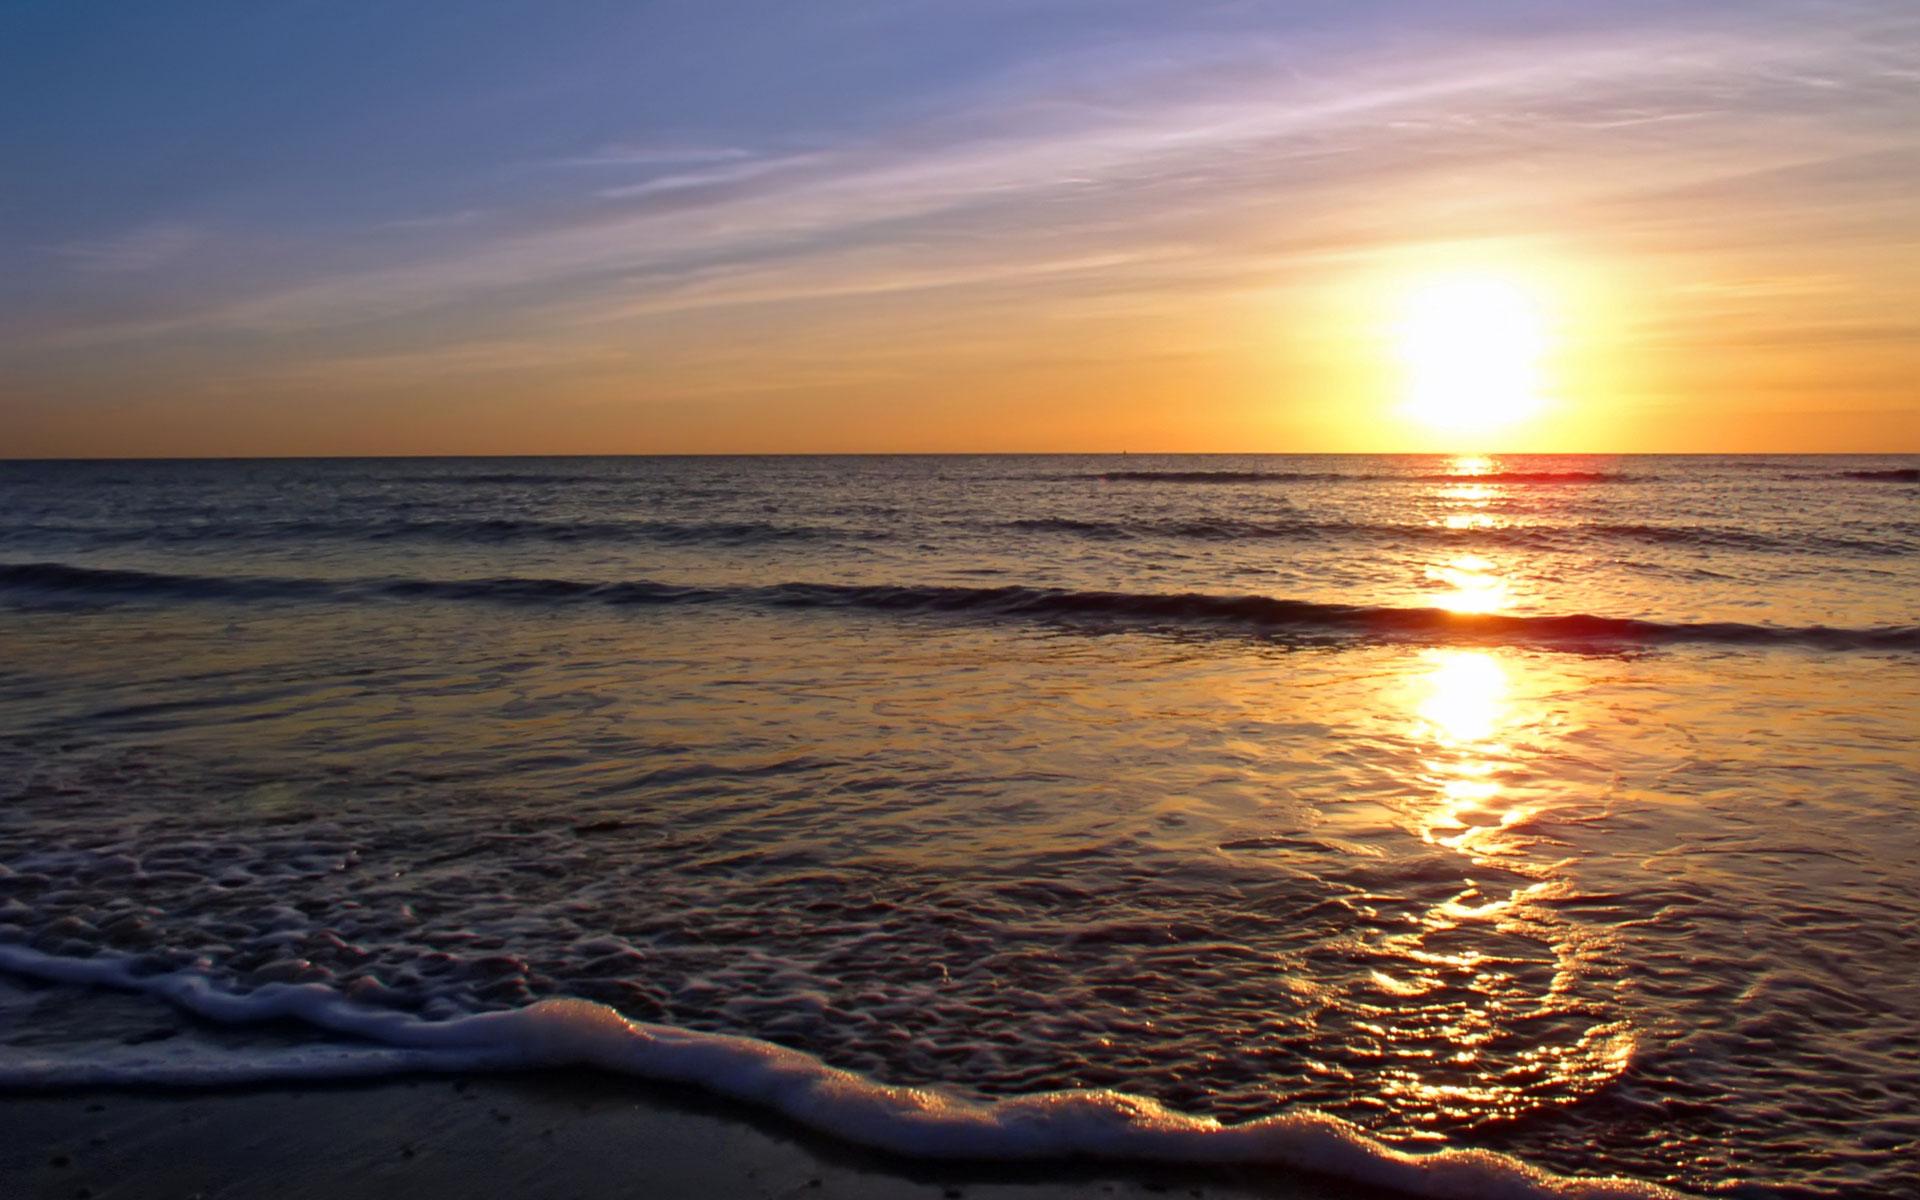 Beach Sunset Wallpaper 28814